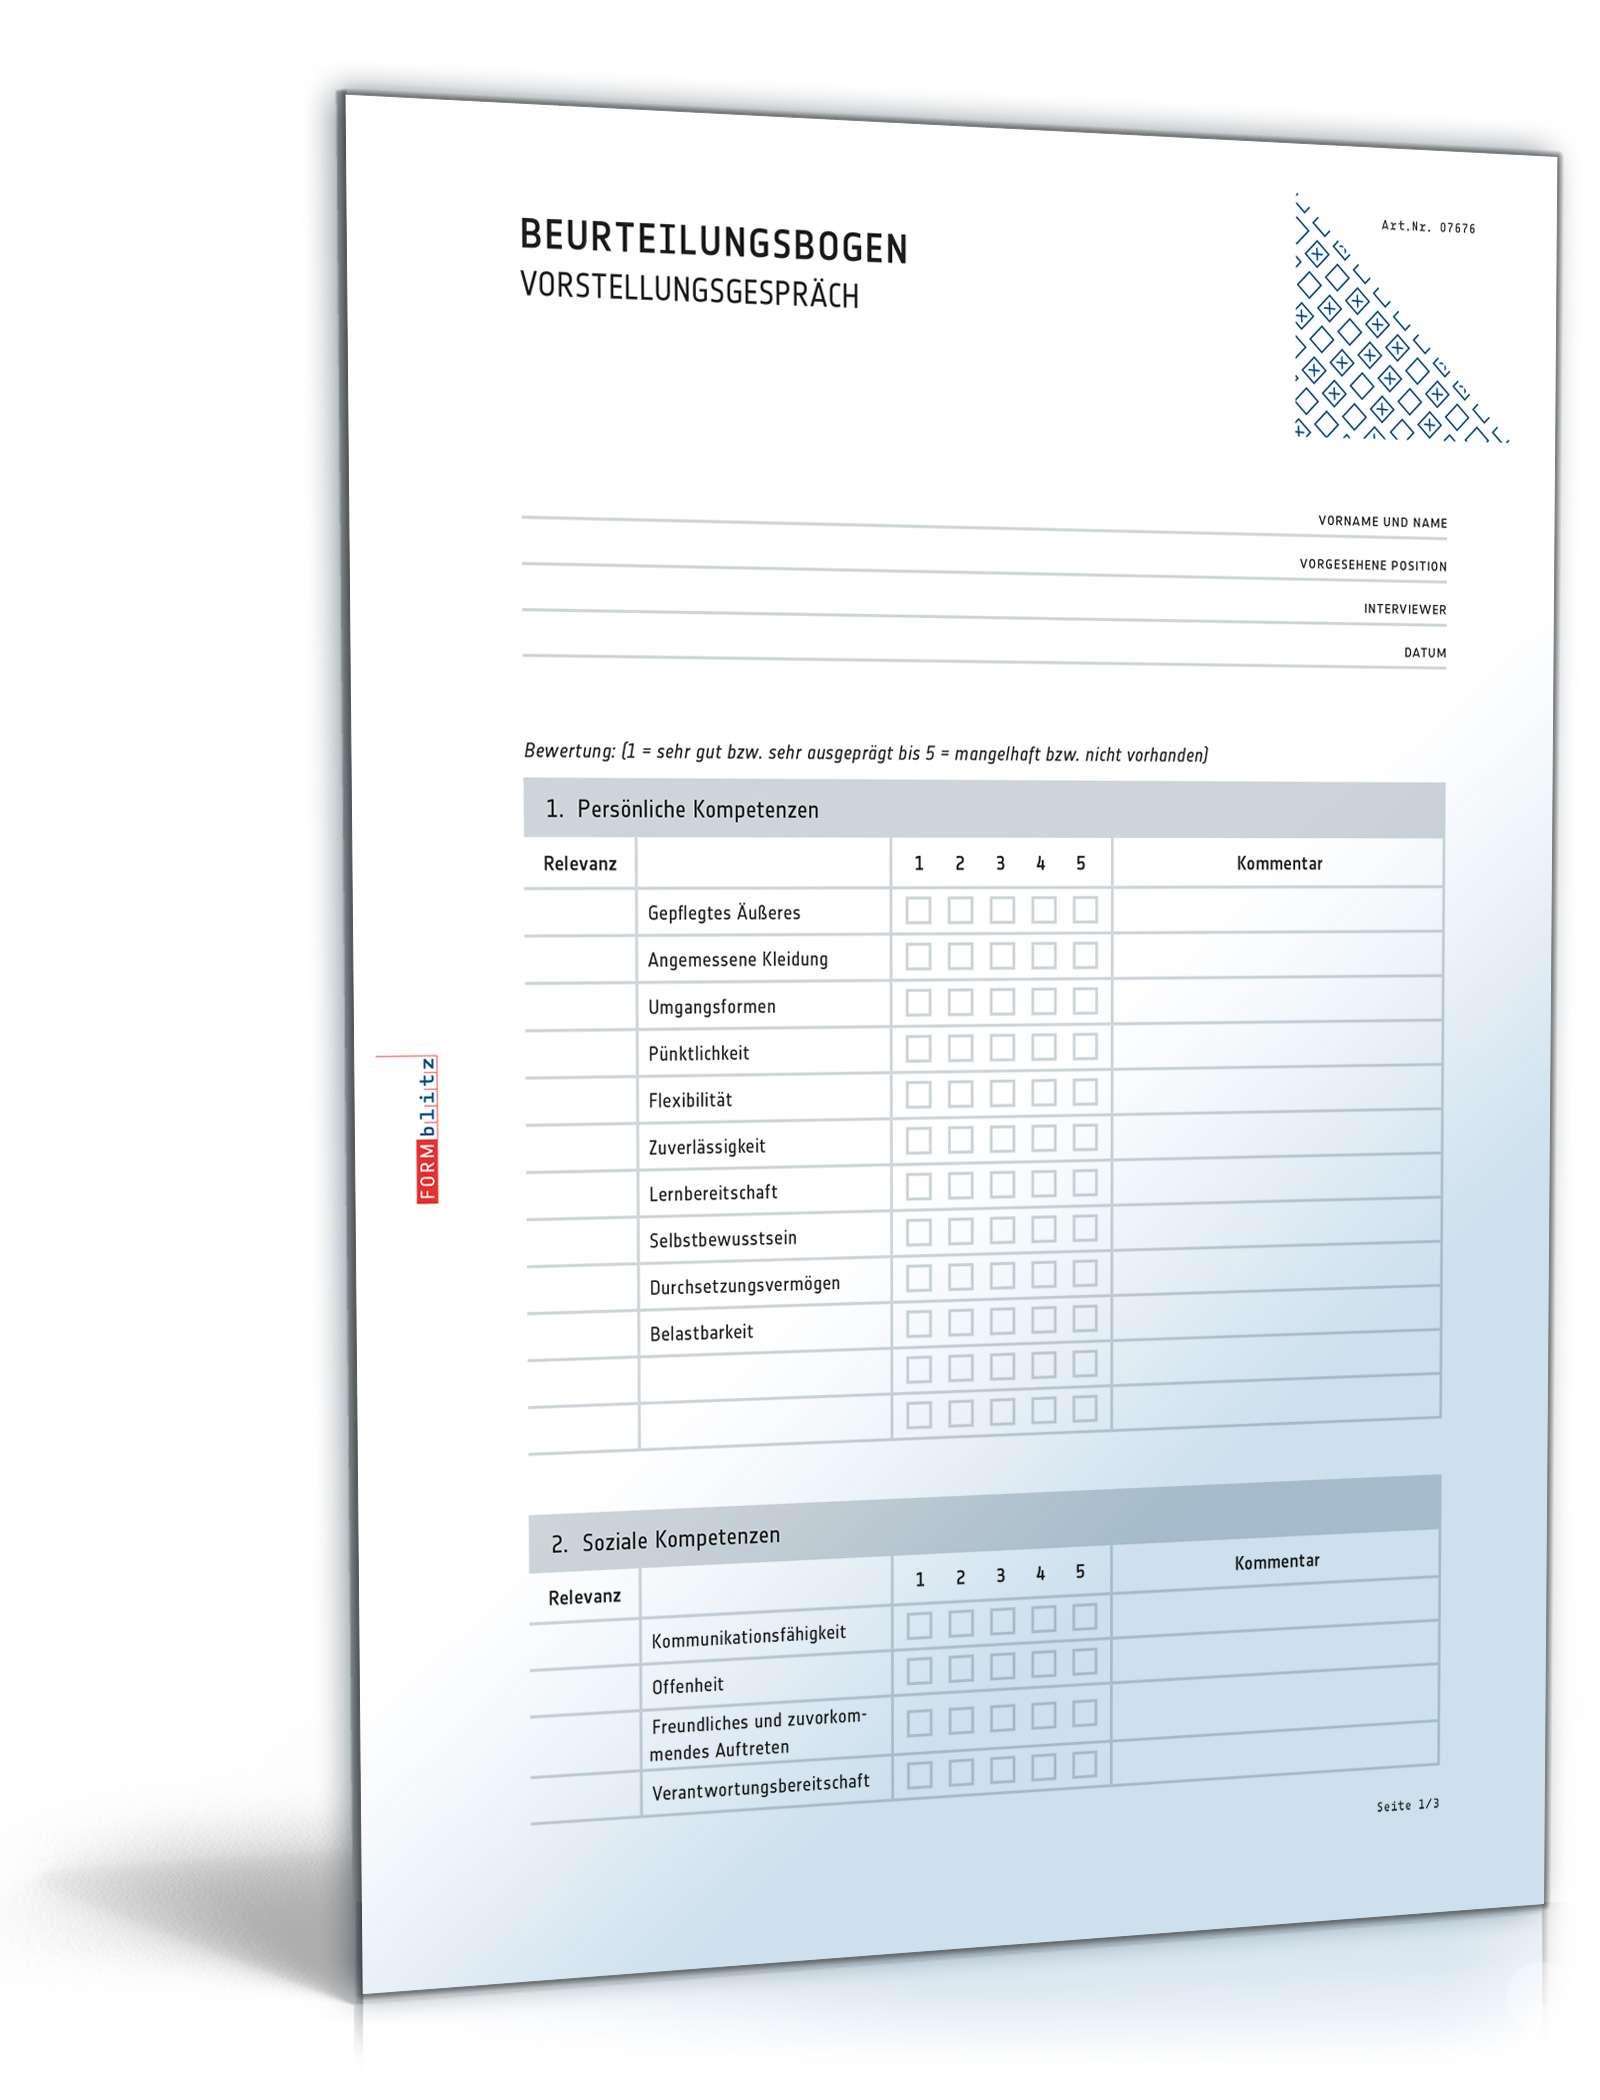 Musterbriefe Kostenlos Geschäftsbriefe : Auswertung vorstellungsgespräch vorlage zum download